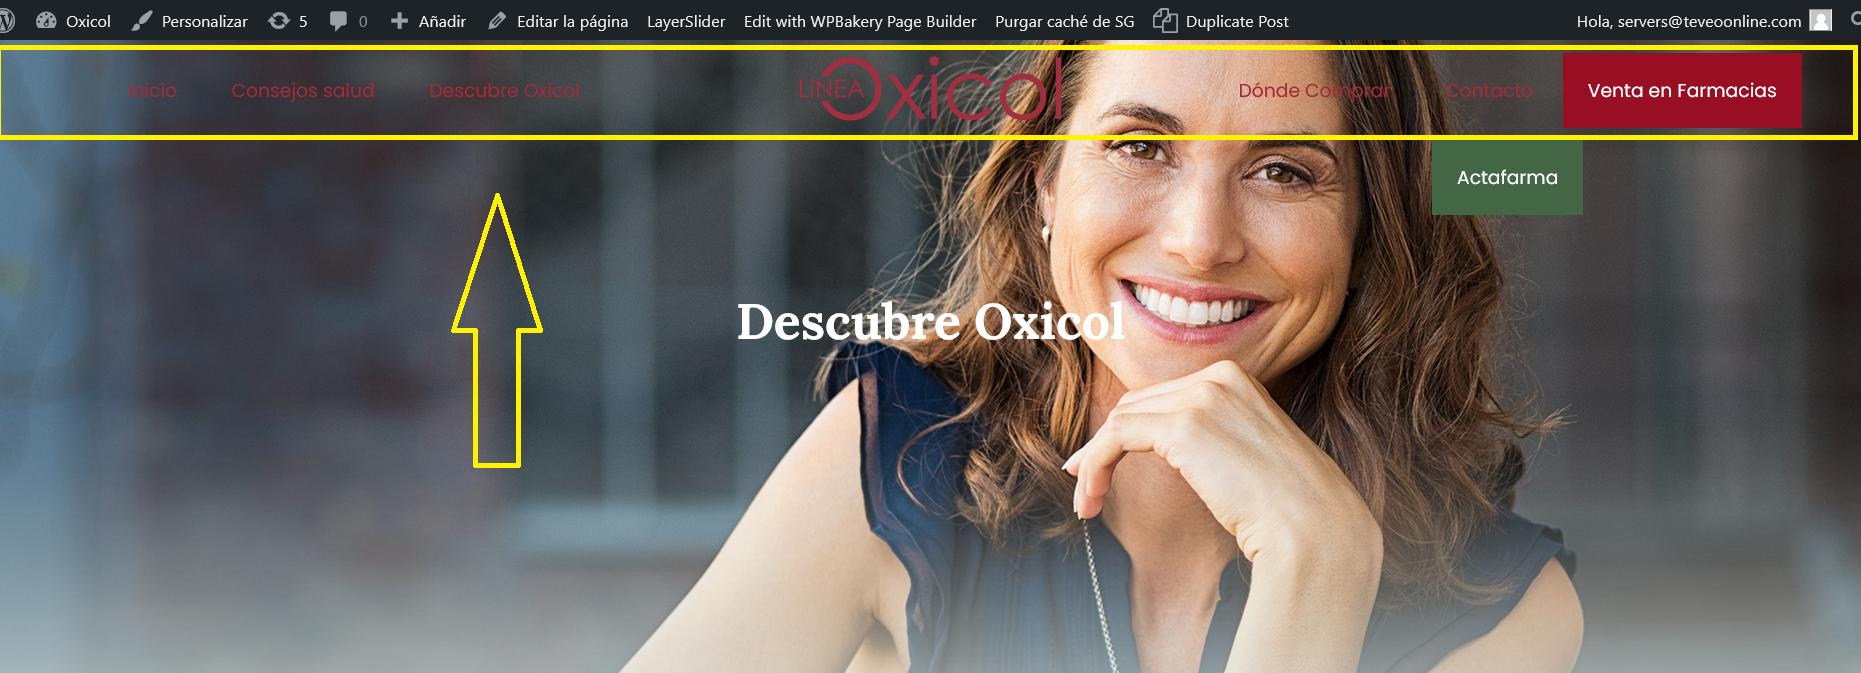 Screenshot_2021-05-13 Descubre Oxicol – Oxicol.png